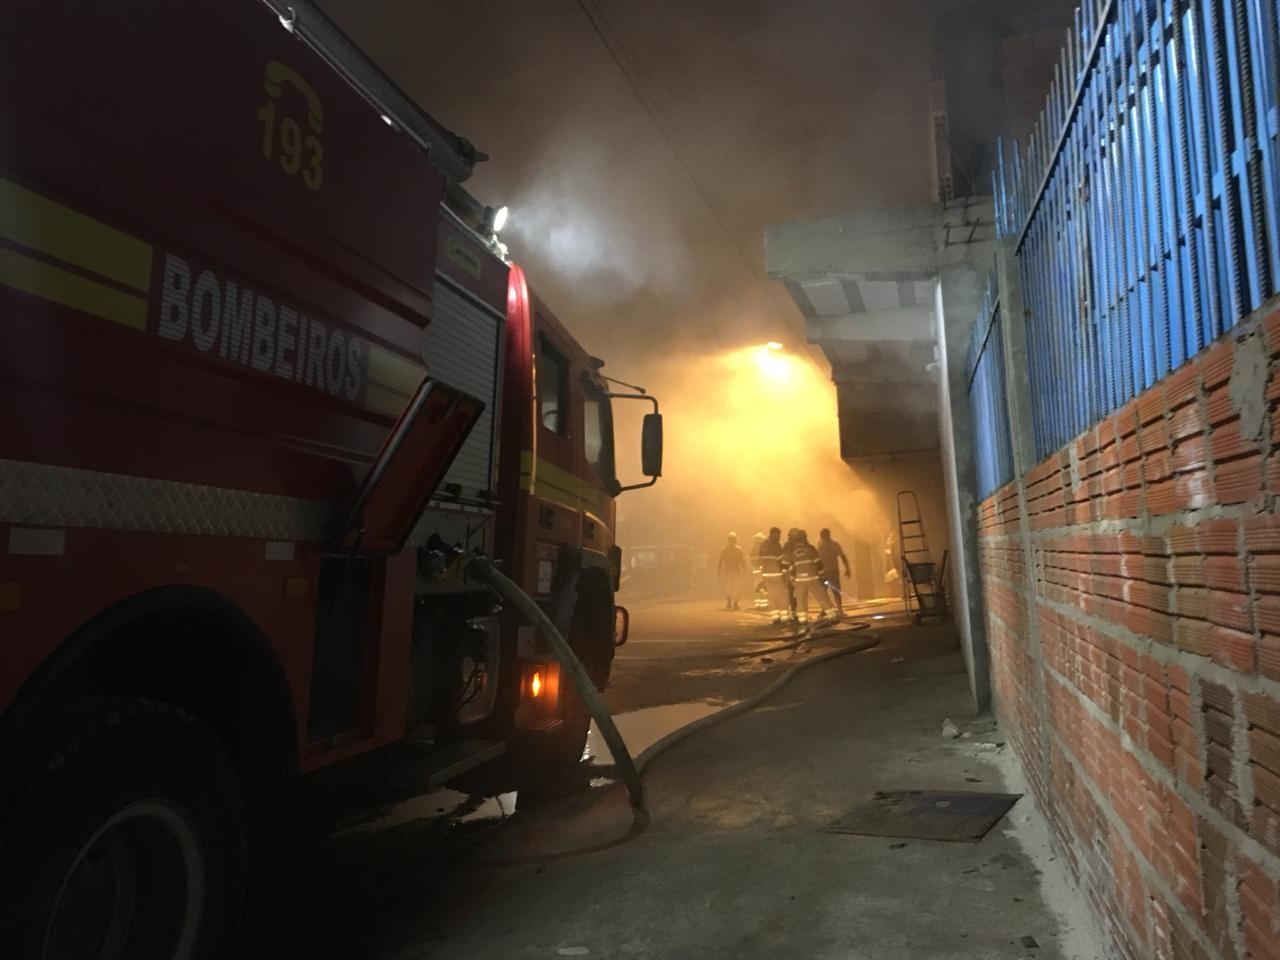 Laudo de incêndio que destruiu depósito de mercantil no interior do AC deve sair em 15 dias